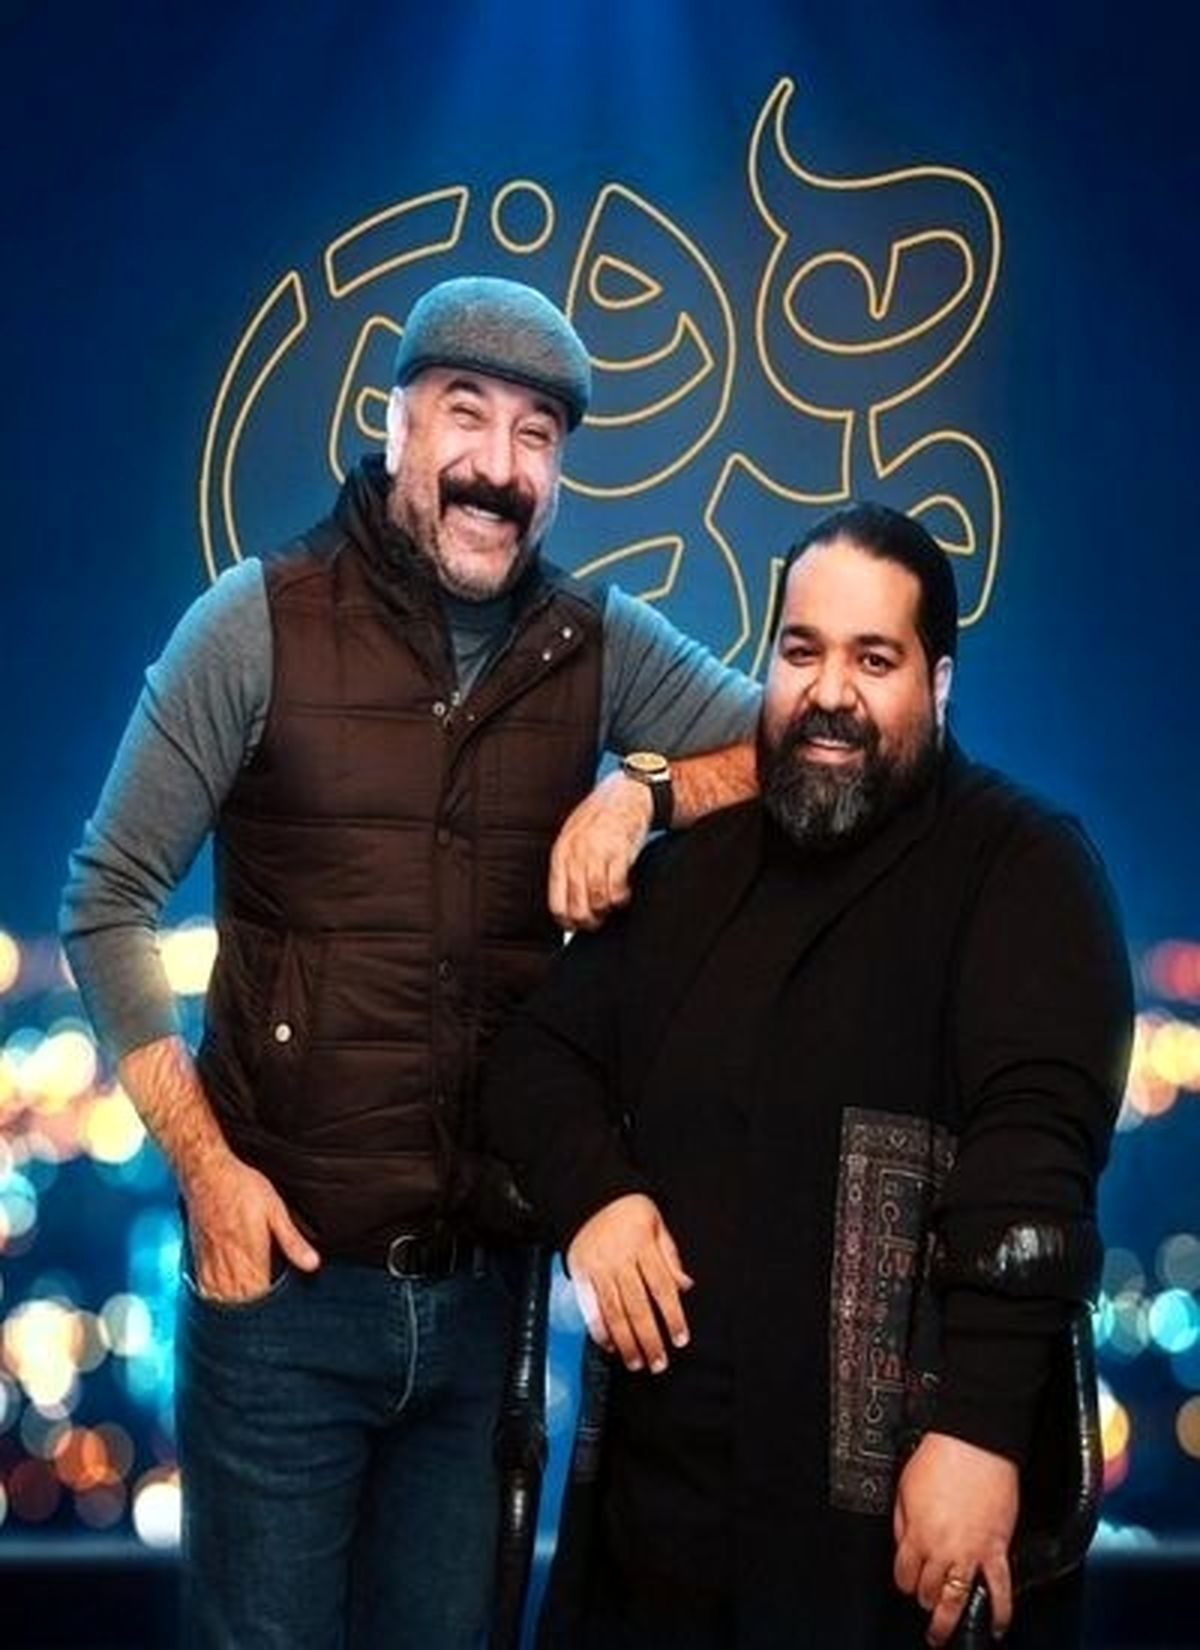 شوخی خنده دار علی انصاریان با برنامه خندوانه + فیلم